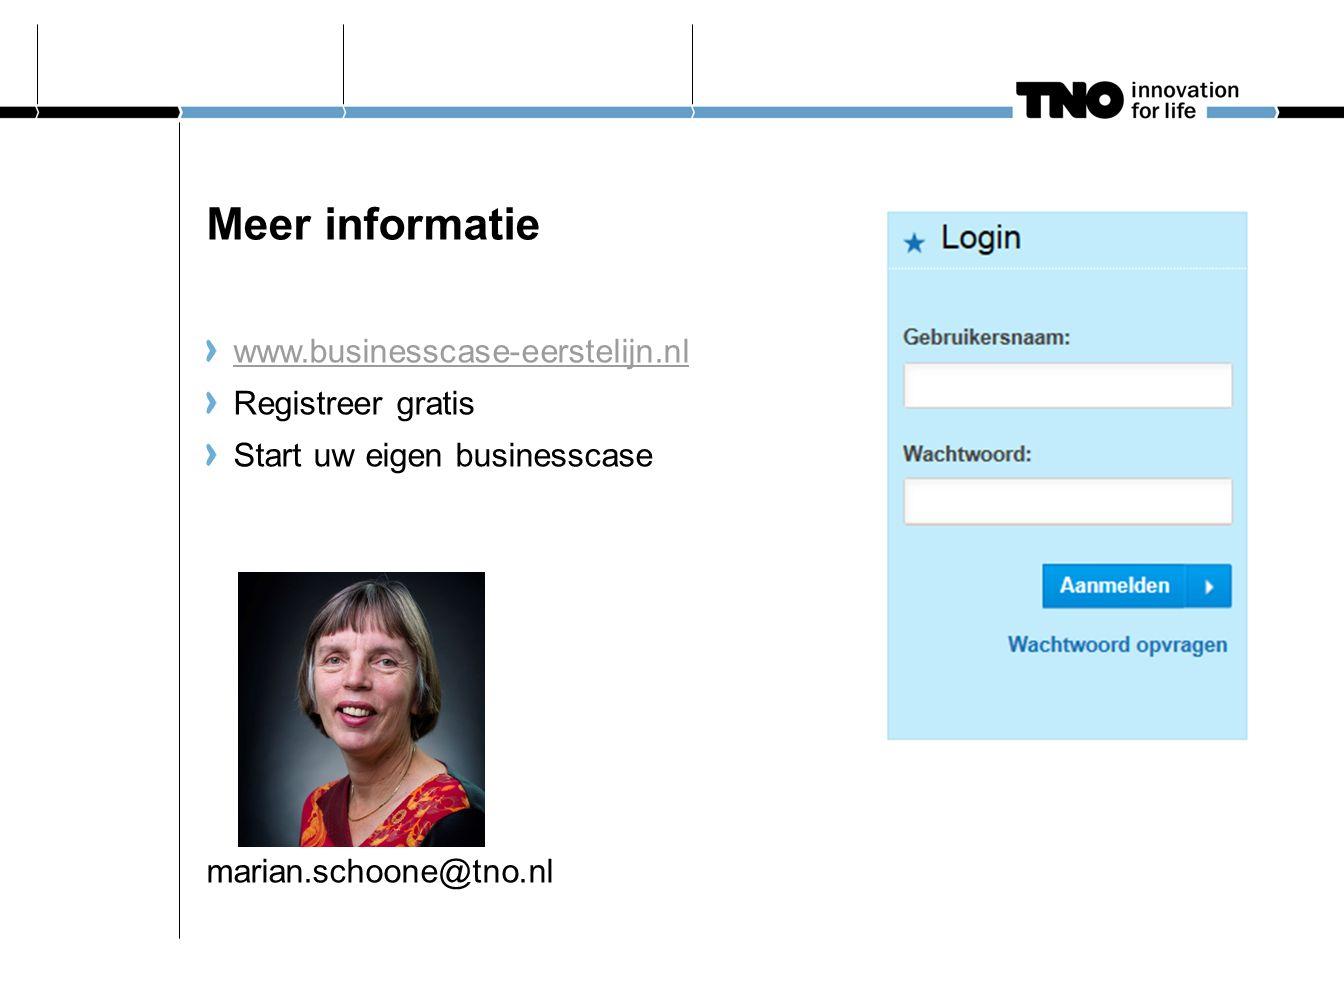 Meer informatie www.businesscase-eerstelijn.nl Registreer gratis Start uw eigen businesscase marian.schoone@tno.nl